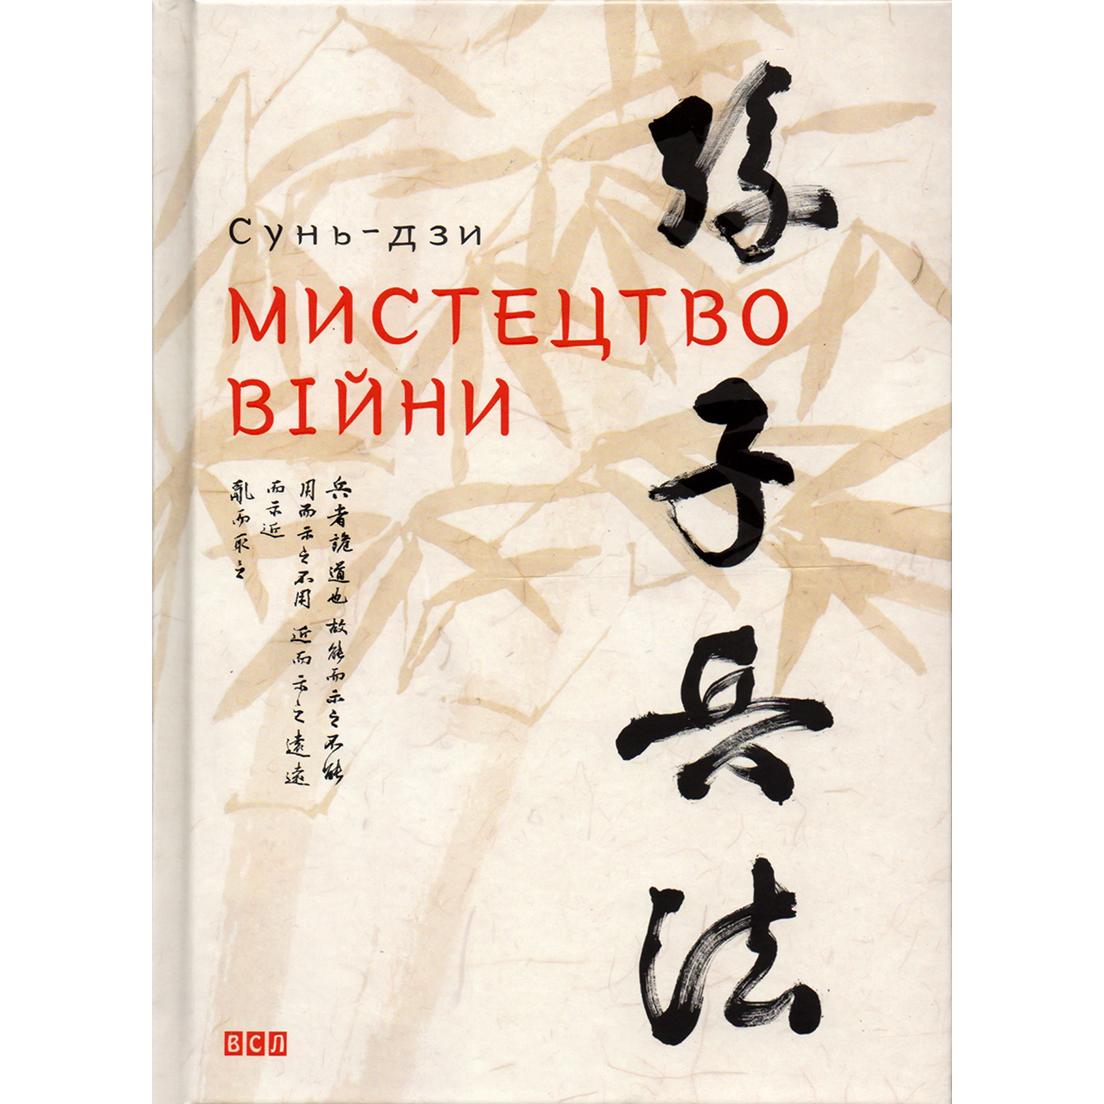 Купити книгу Мистецтво війни, Сунь-дзи| Bukio